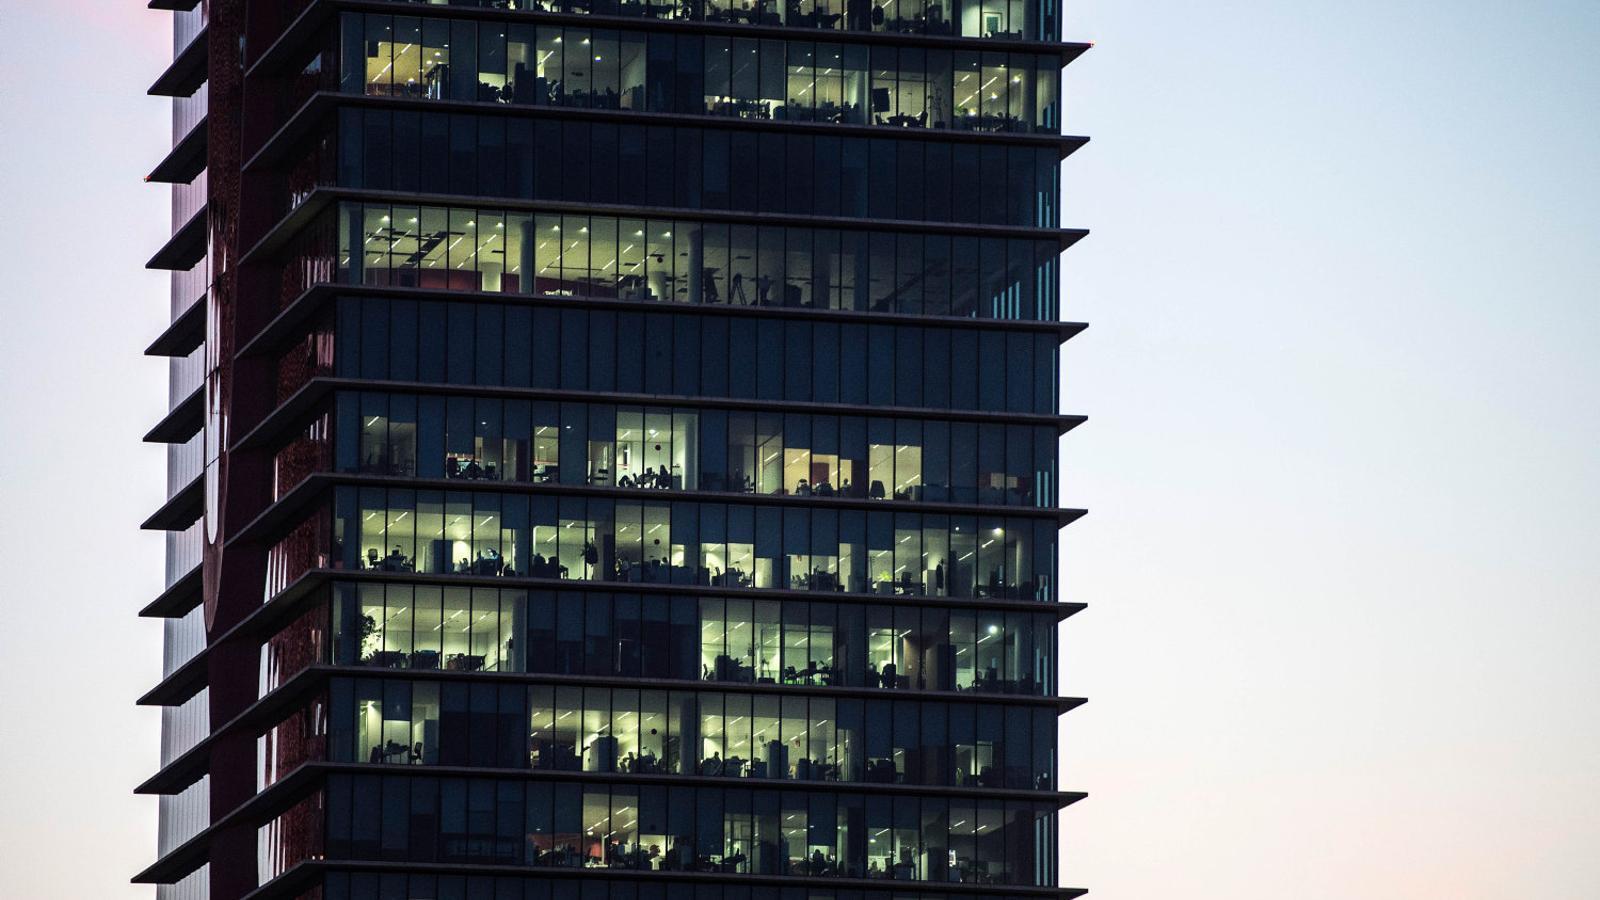 La fuga d'empreses no afecta la recaptació ni el finançament